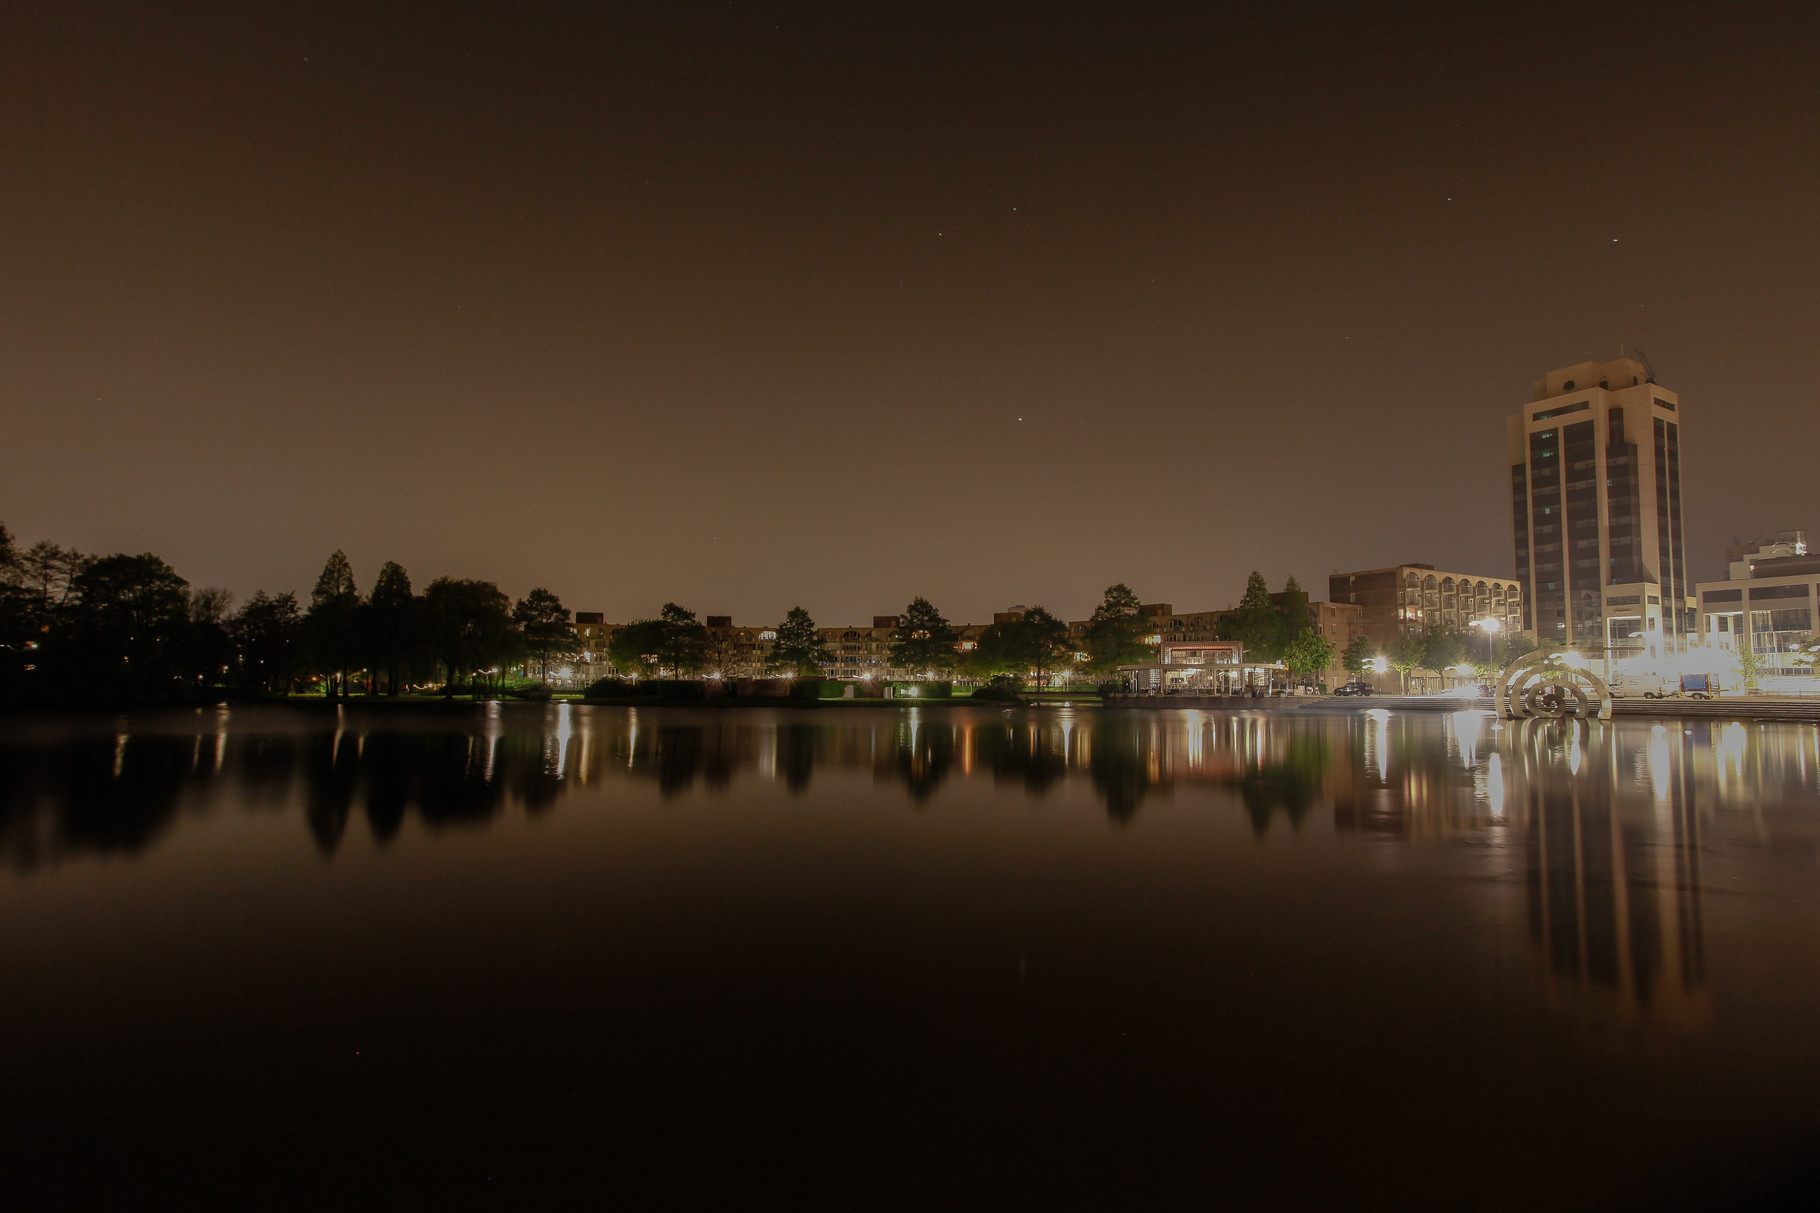 Nachtfoto Dobbeplas Zoetermeer - DOKOE Fotografie